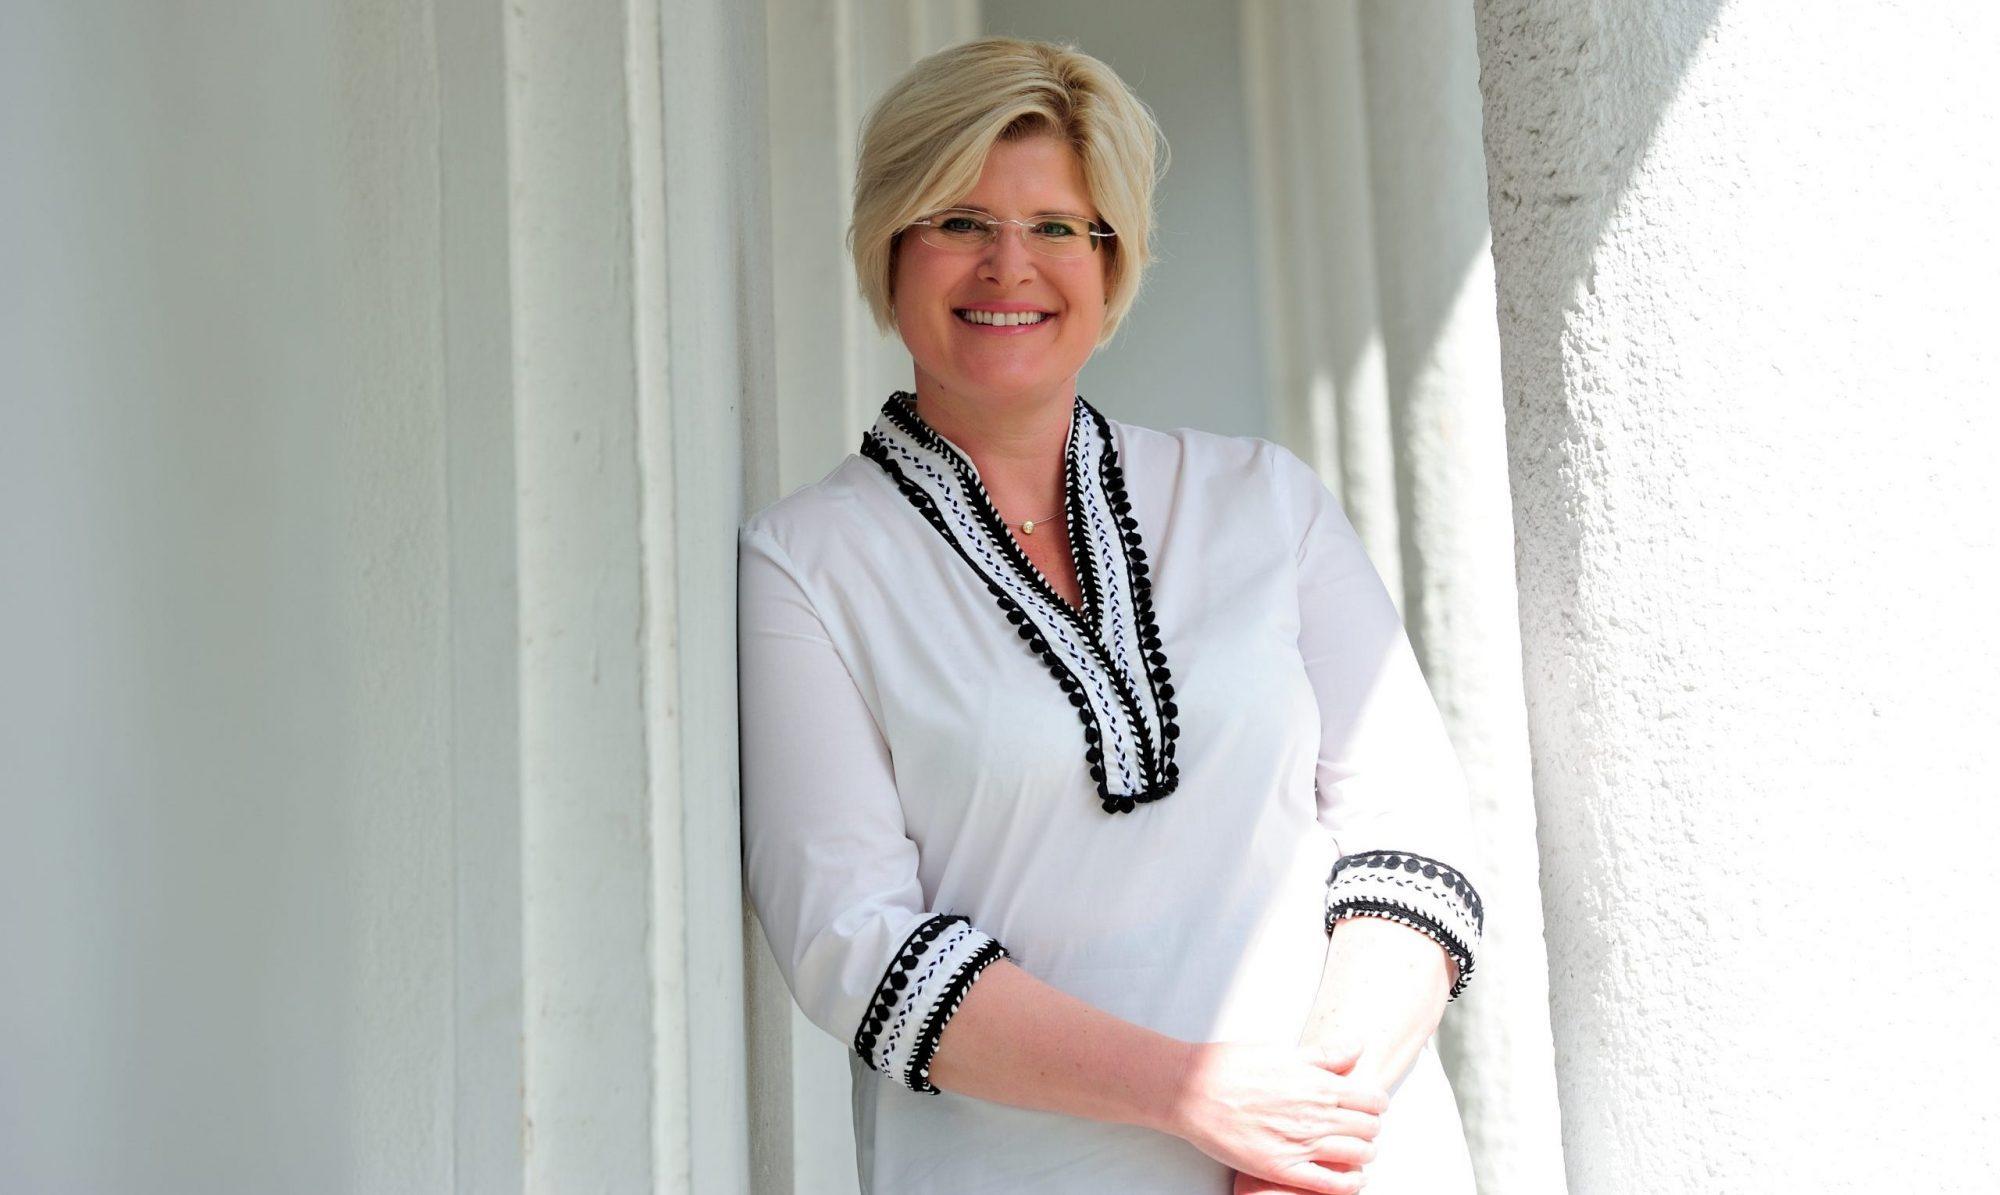 Karin van Soest-Schückhaus